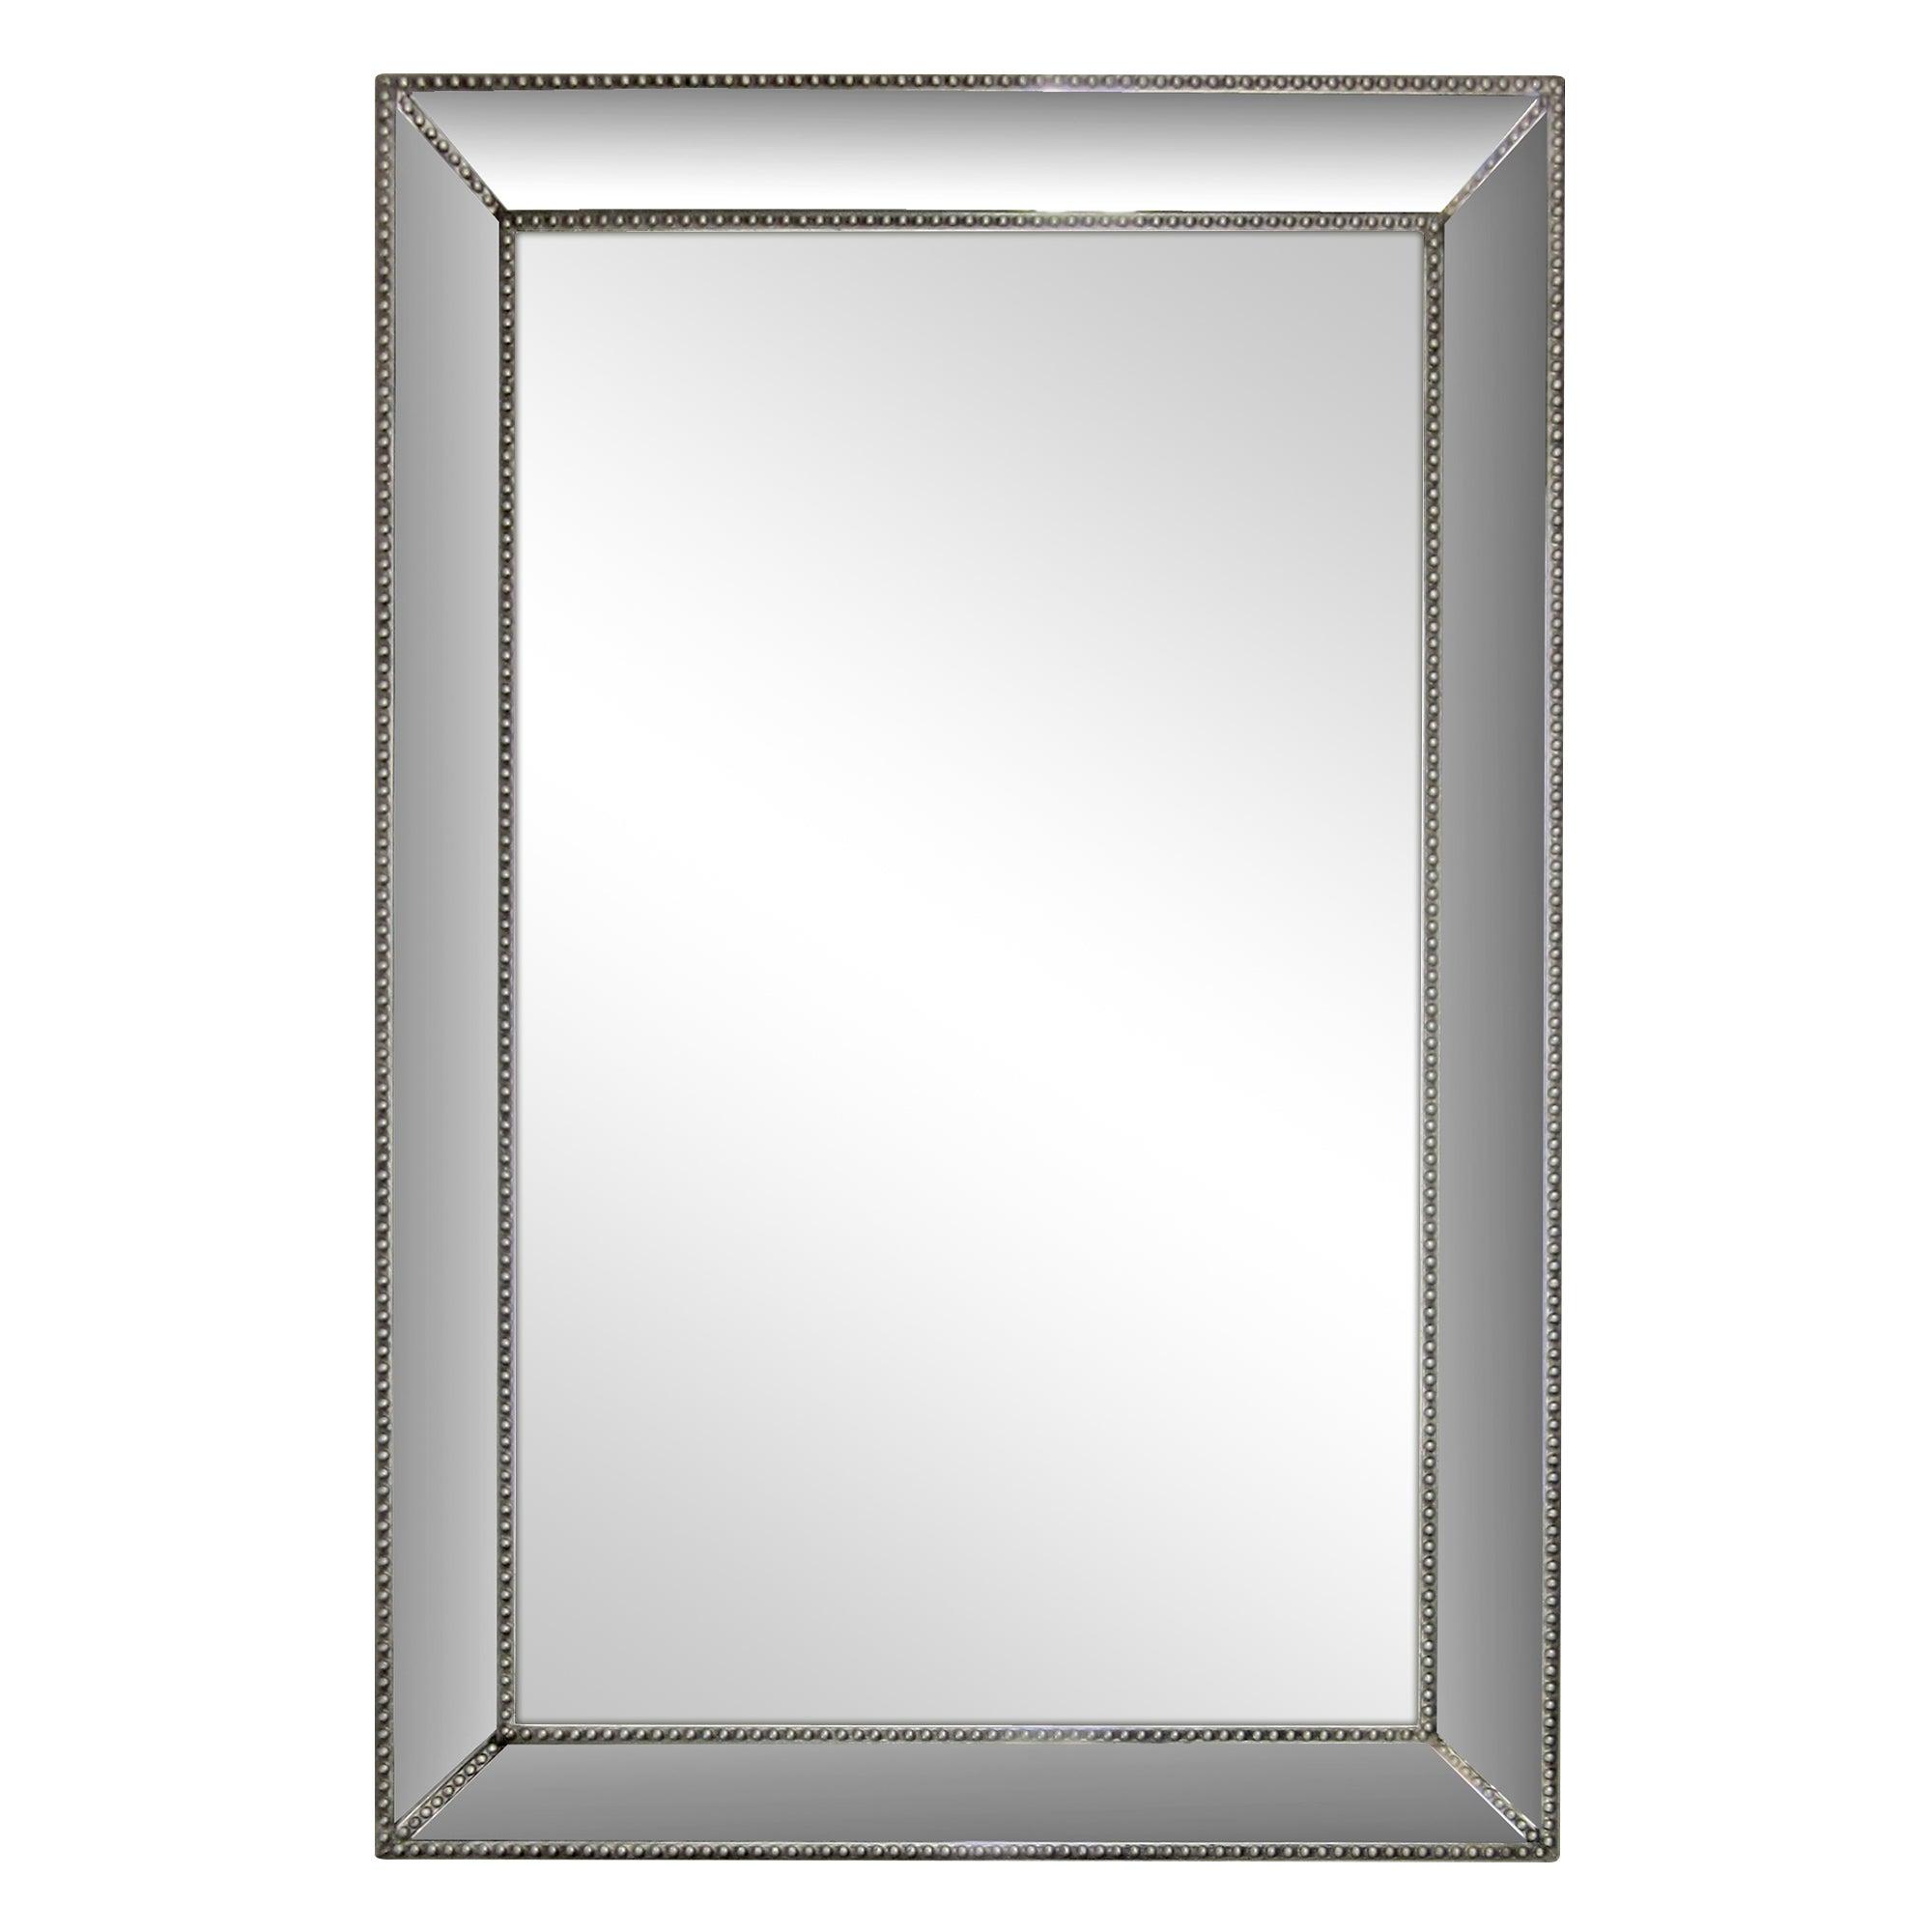 Elegance Stud Angled Mirror